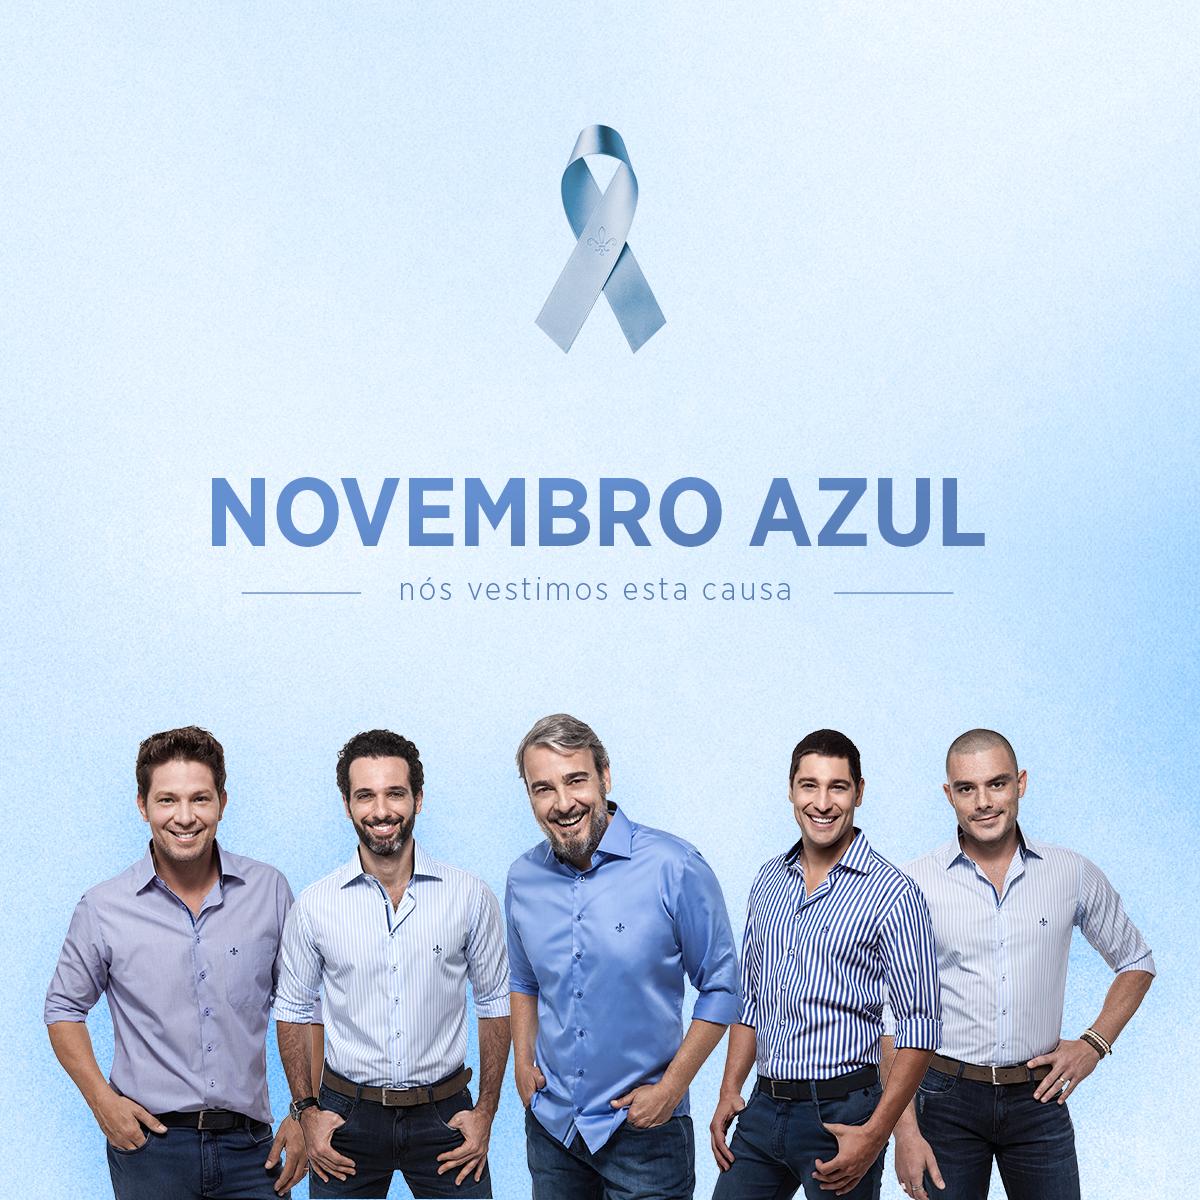 Post-Novembro-Azul